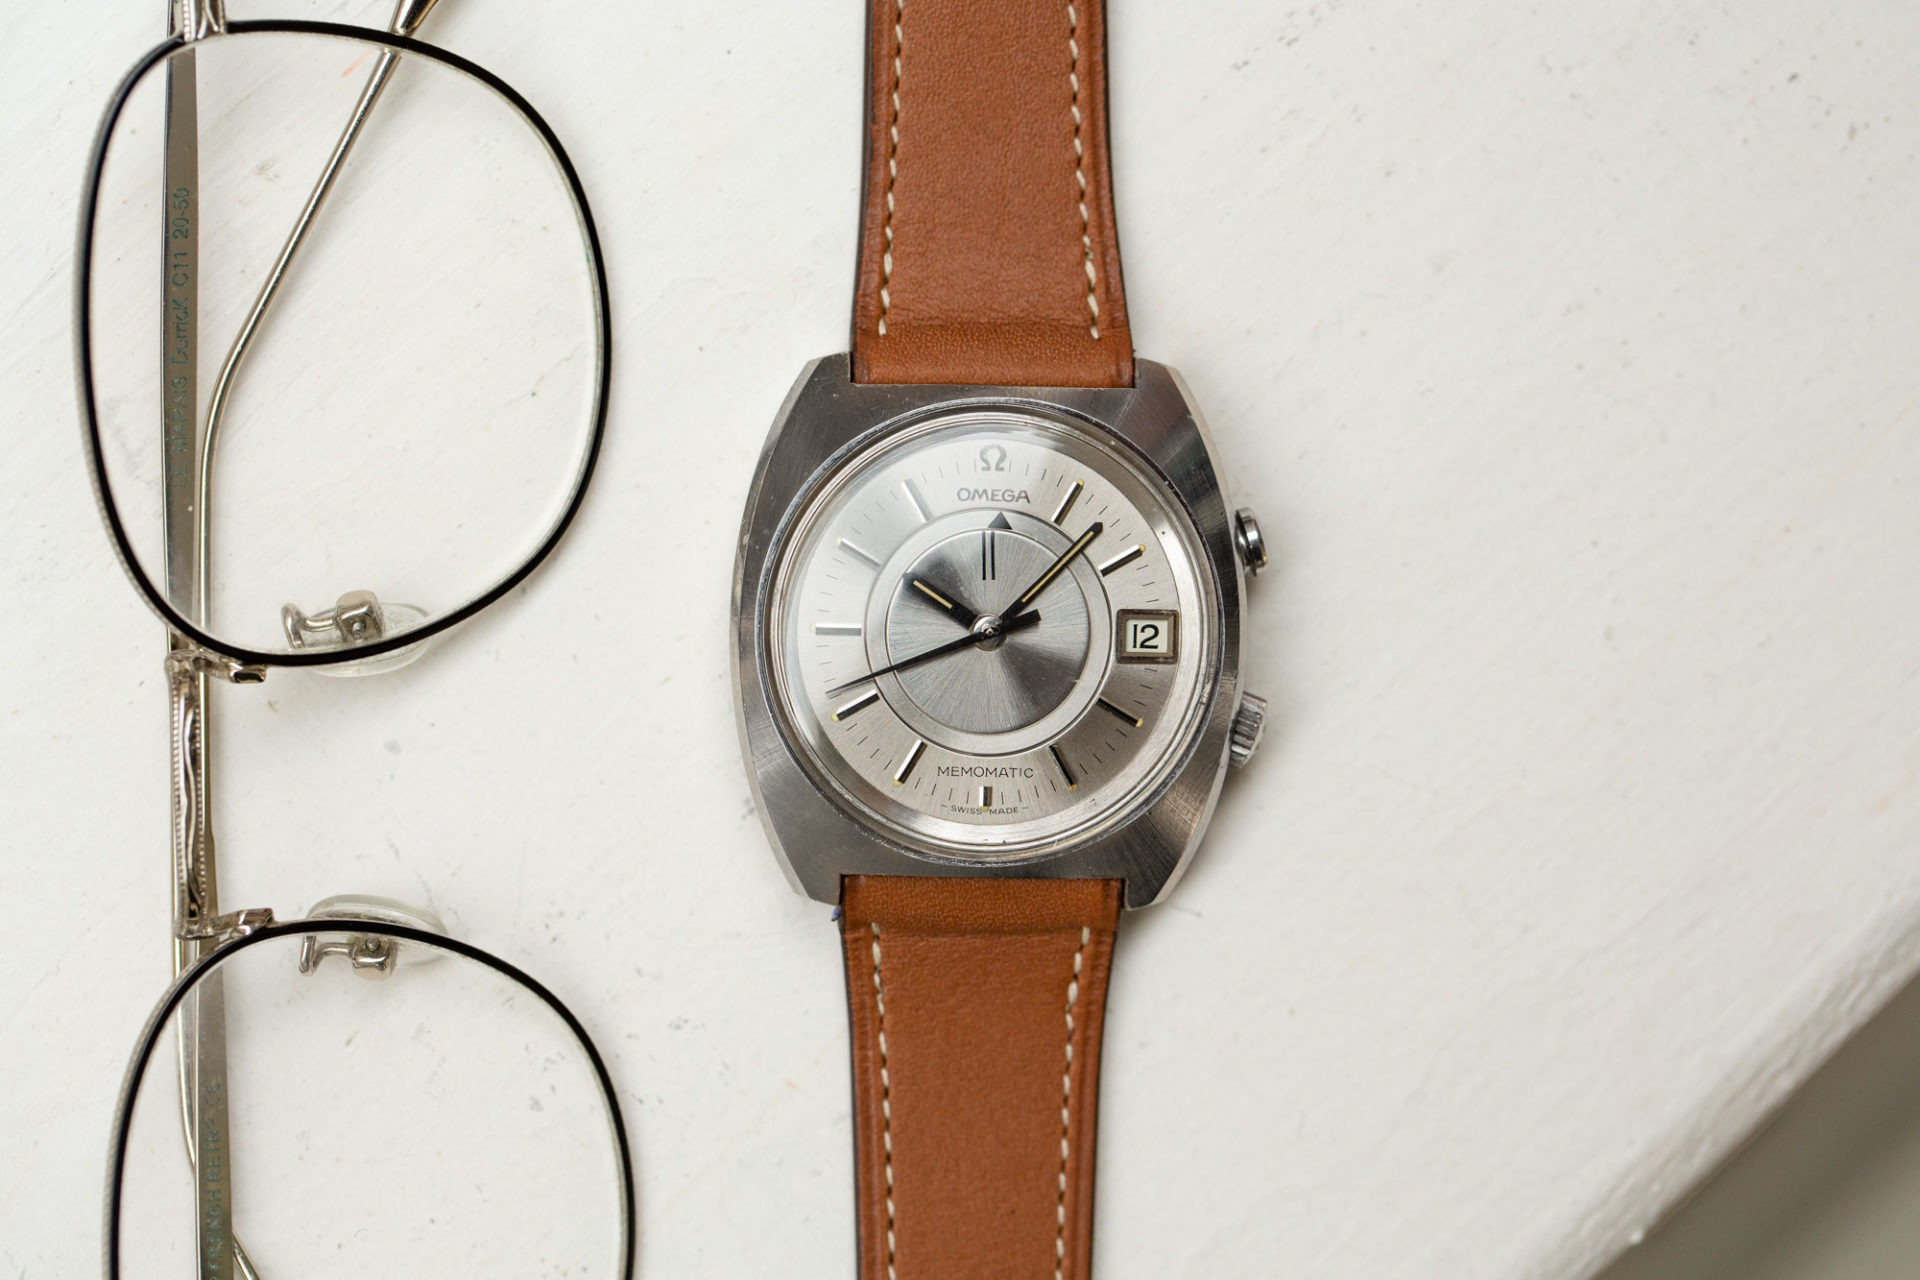 Omega Seamaster Memomatic - Selection de montres vintage chez Joseph Bonnie